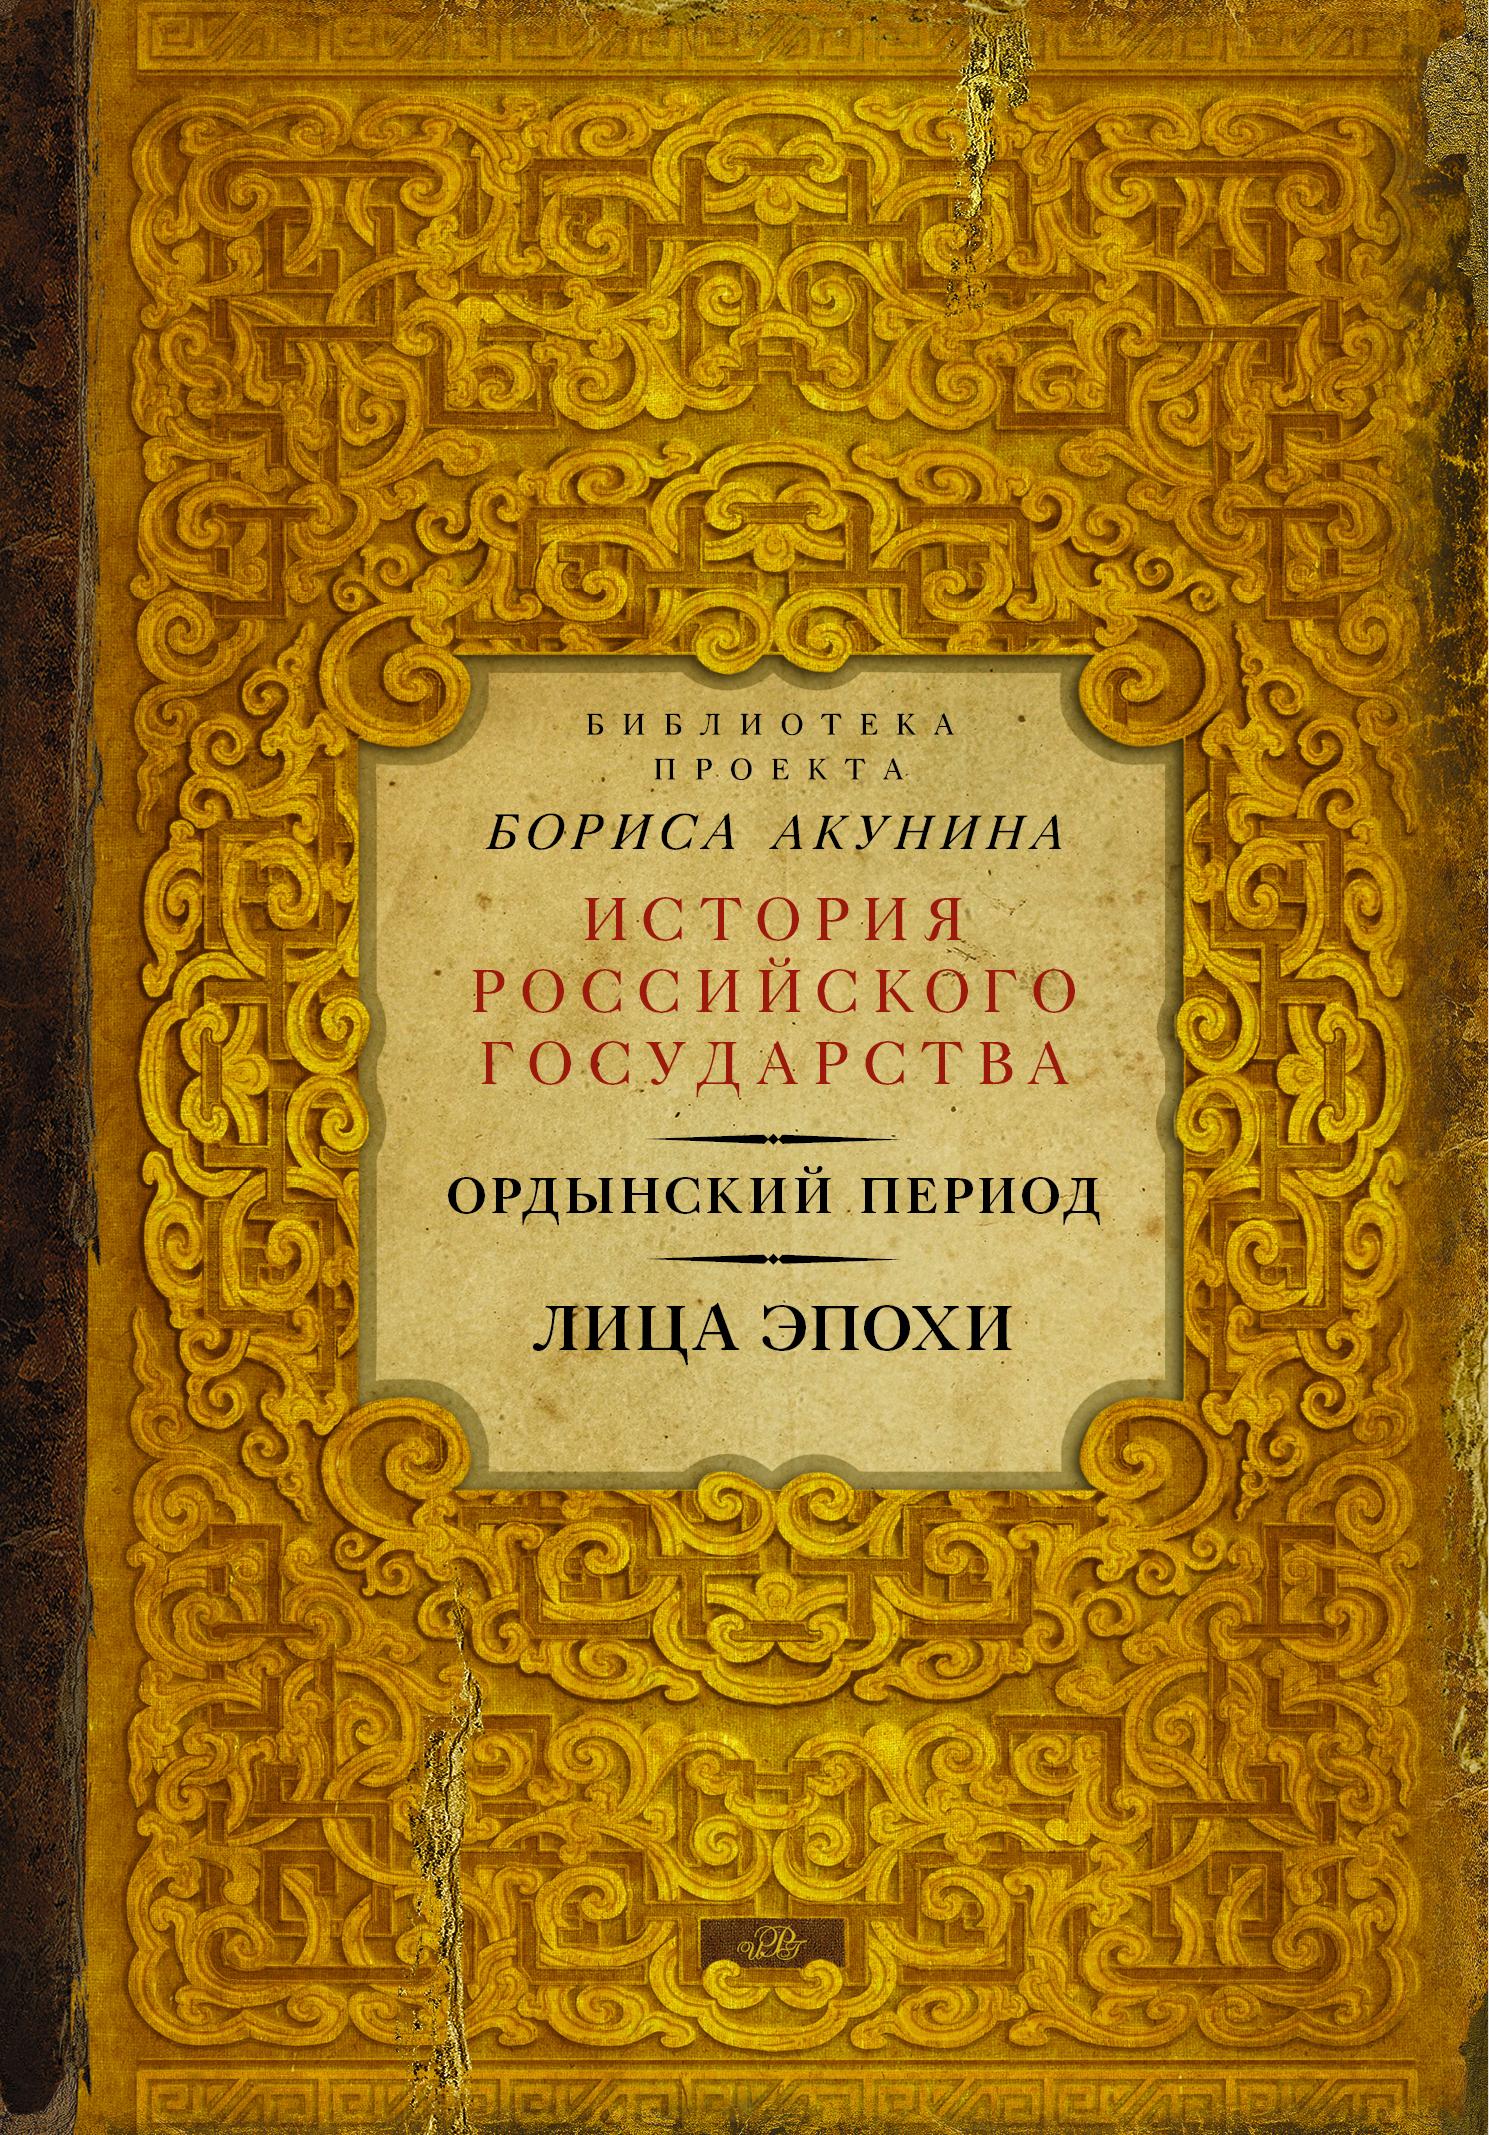 Акунин Б. Ордынский период. Лица эпохи (Библиотека проекта Бориса Акунина ИРГ) конец ордынского ига